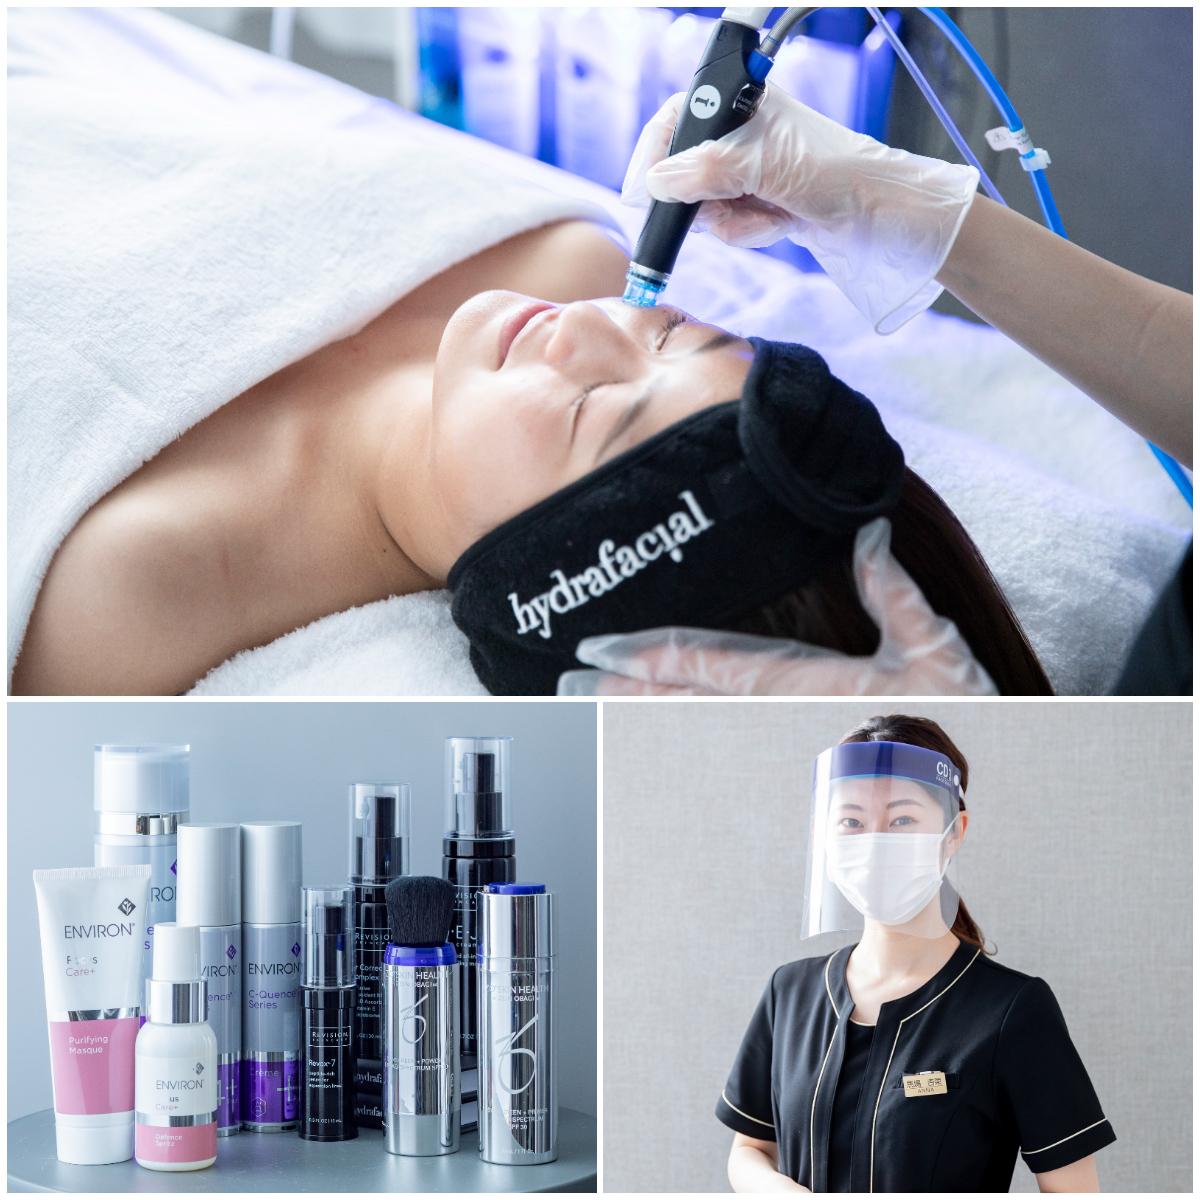 岡本病院監修 メディカルエステサロン 7月、8月メディカルエステサロンの本格的な毛穴ケアキャンペーン開催中。